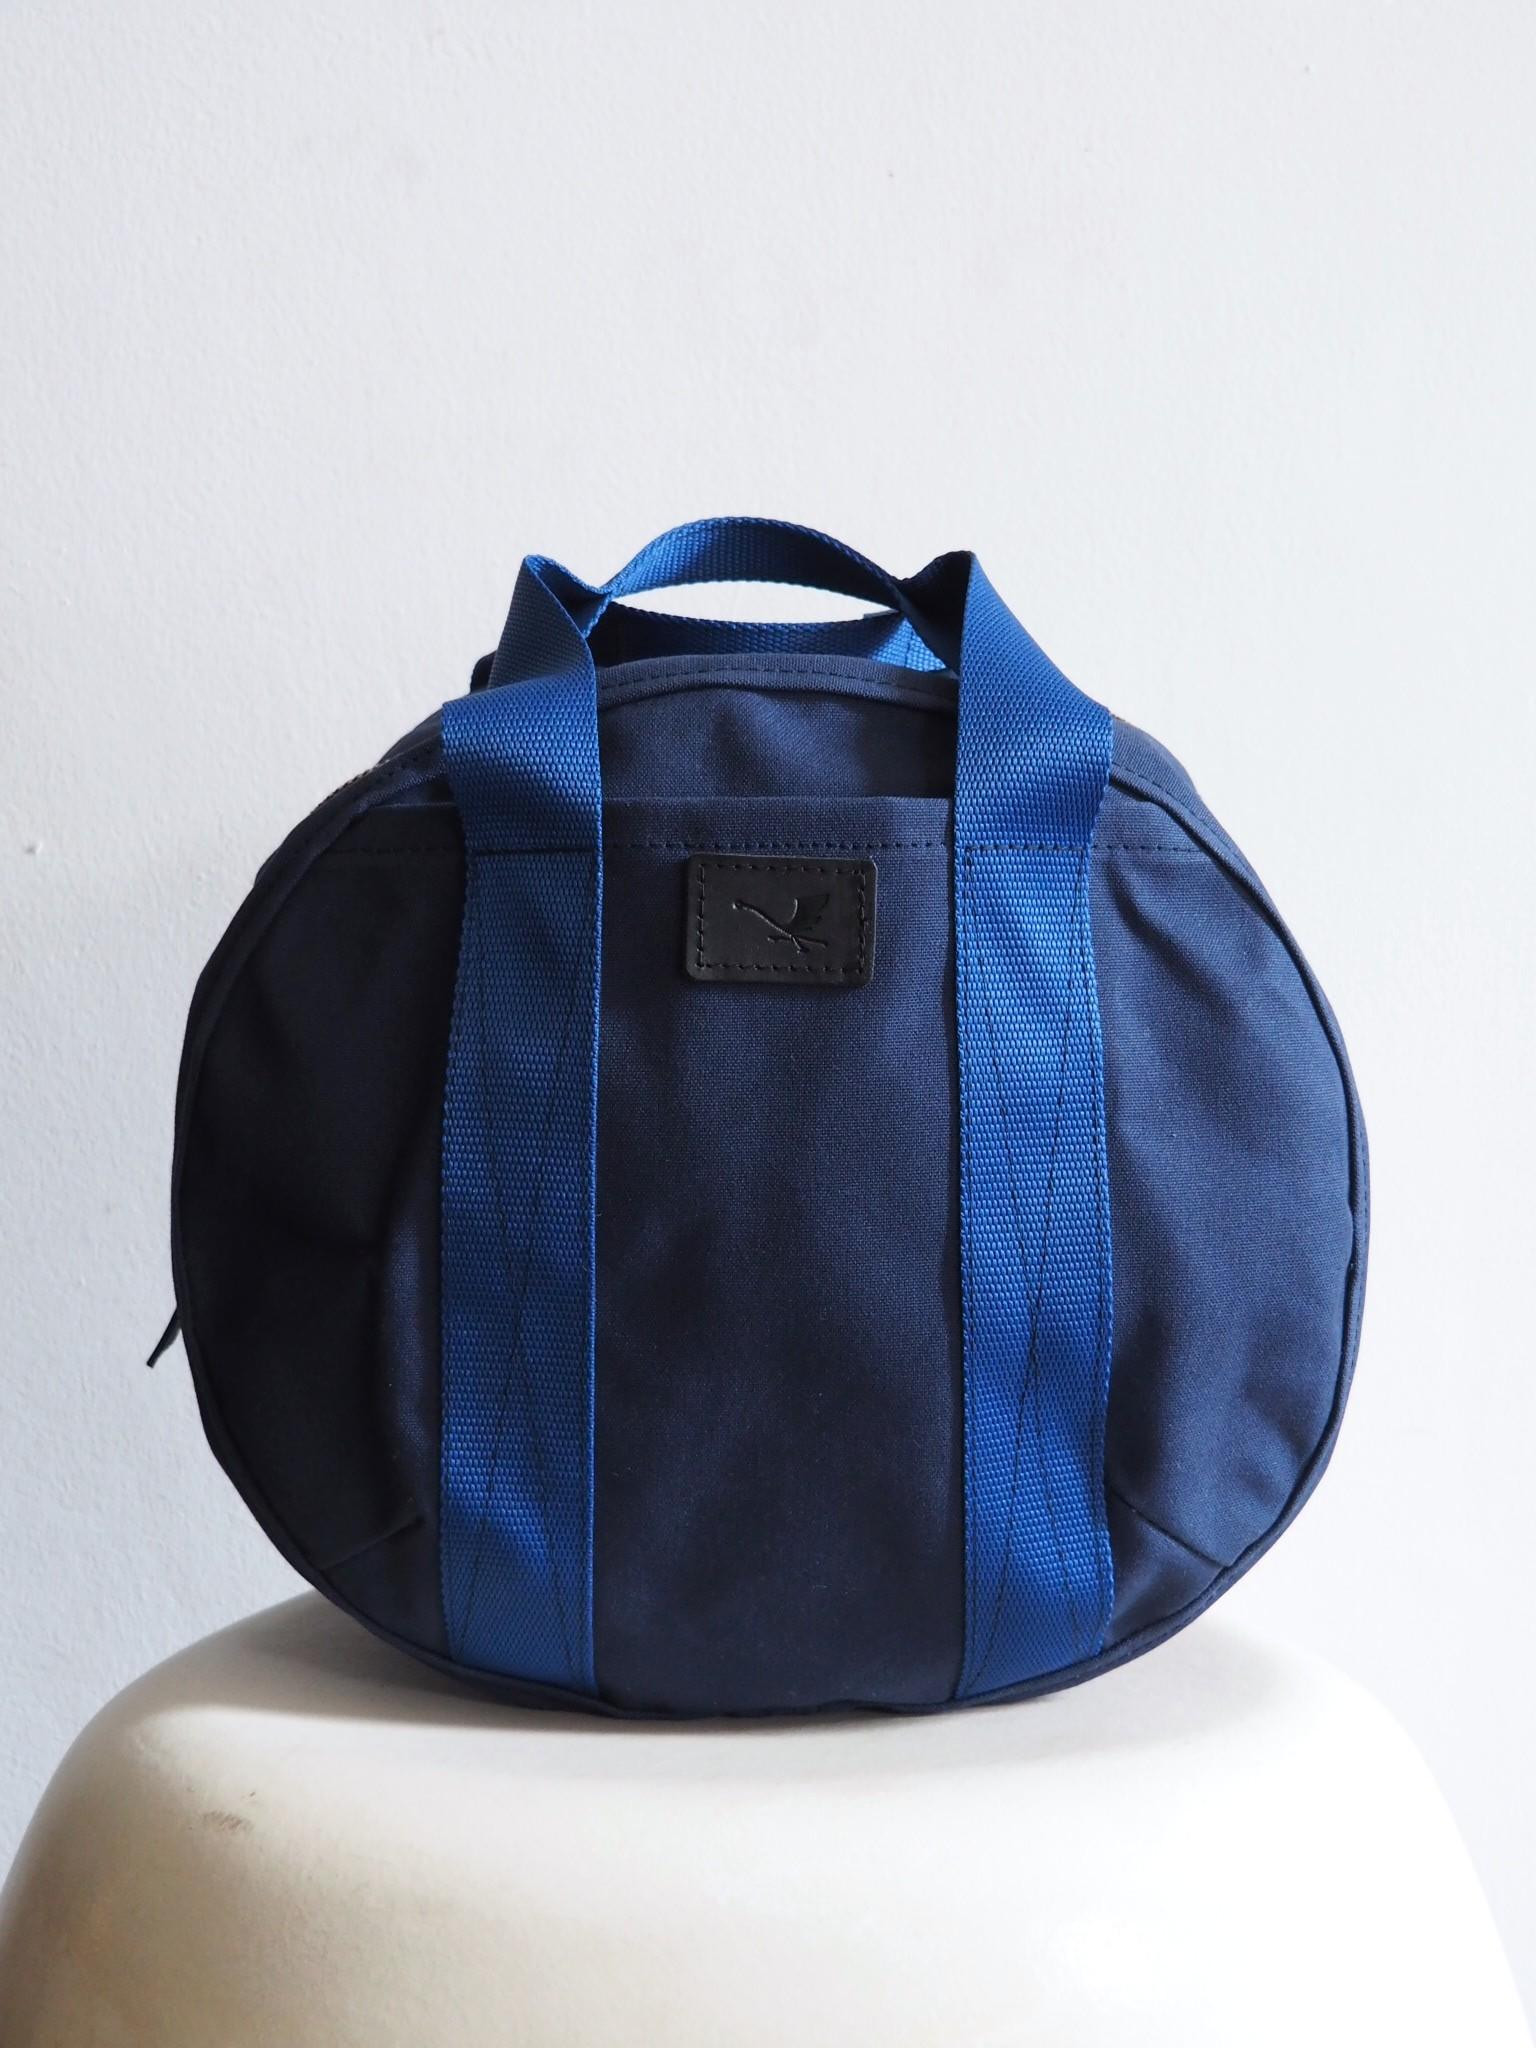 FUJITO Helmet Bagのご紹介です